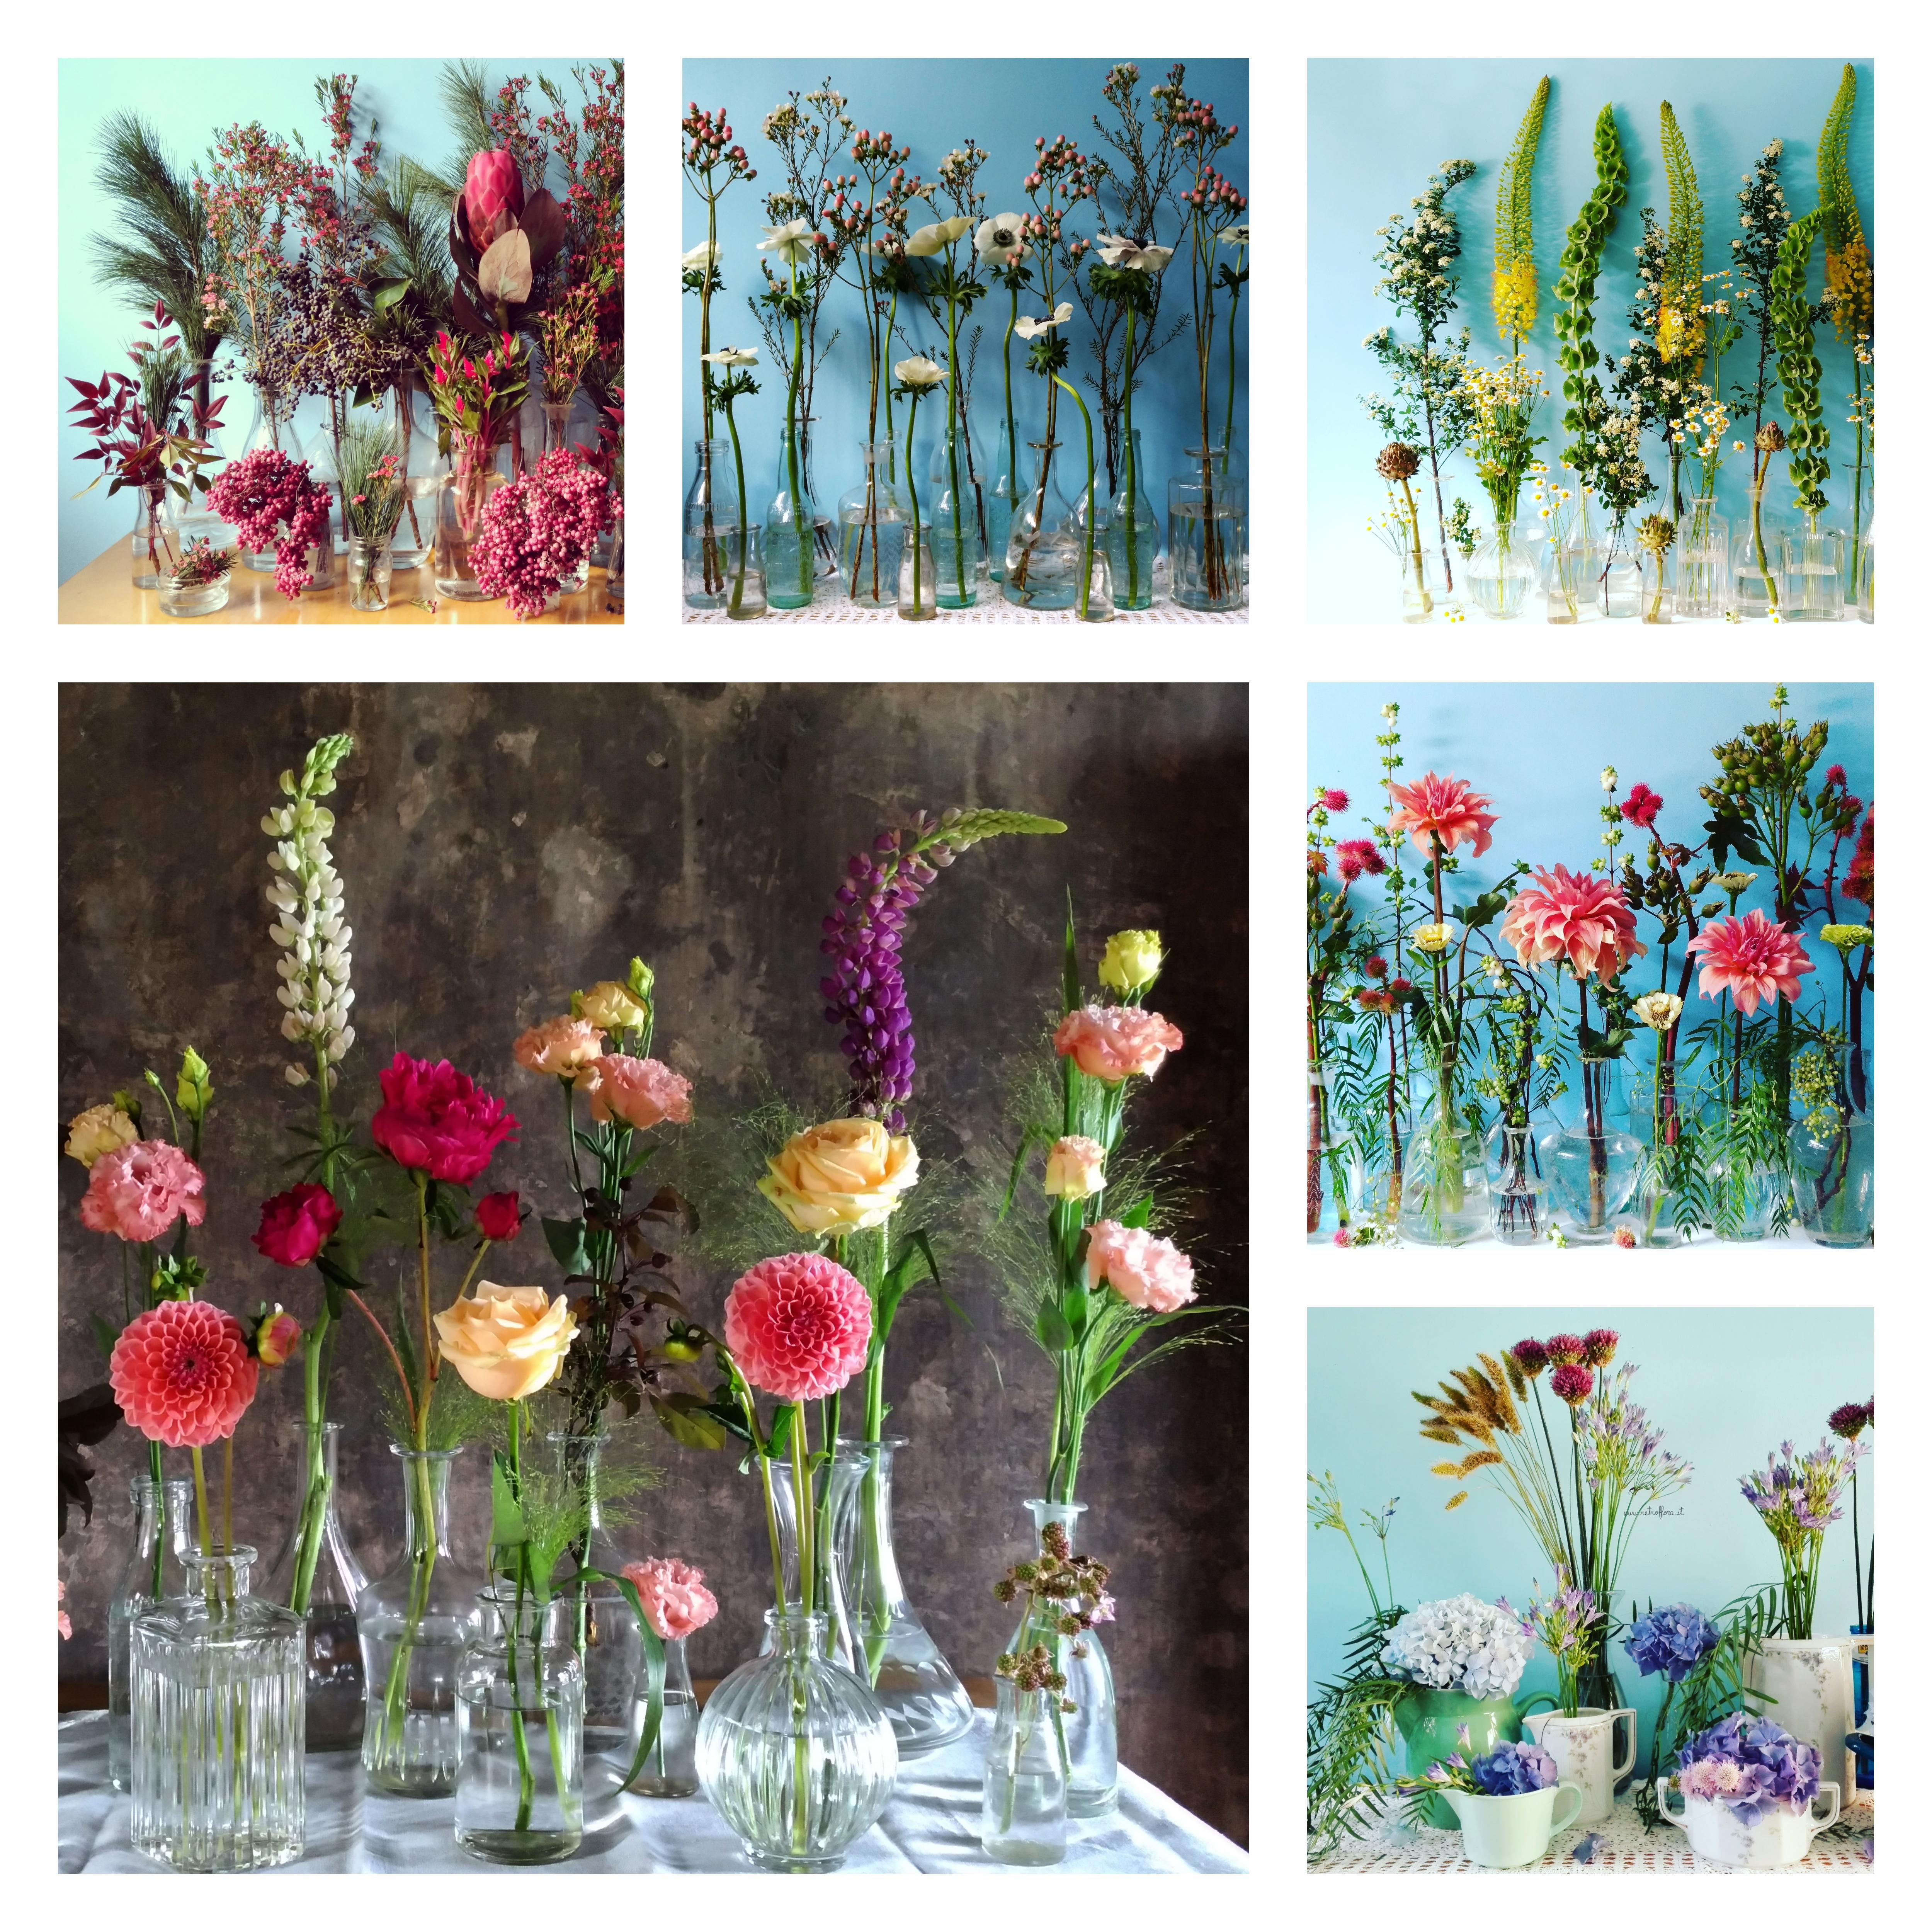 La Mensola Fiorita, Arte Floreale, Fiori Sostenibili, Flower Design, Floral Design, Bellezza